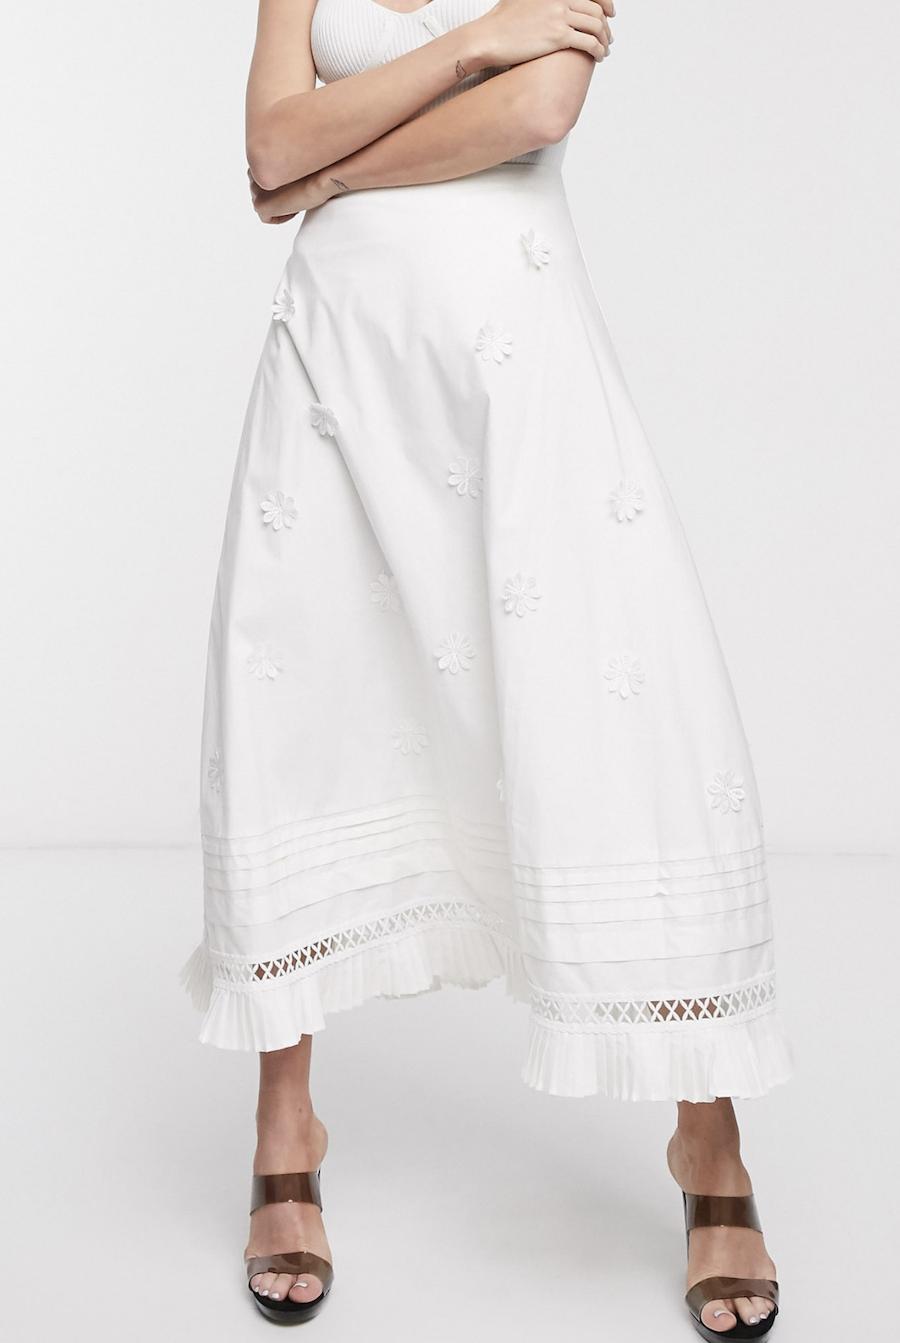 Falda midi con bajo plisado y aplicación floral de algodón de Lost Ink